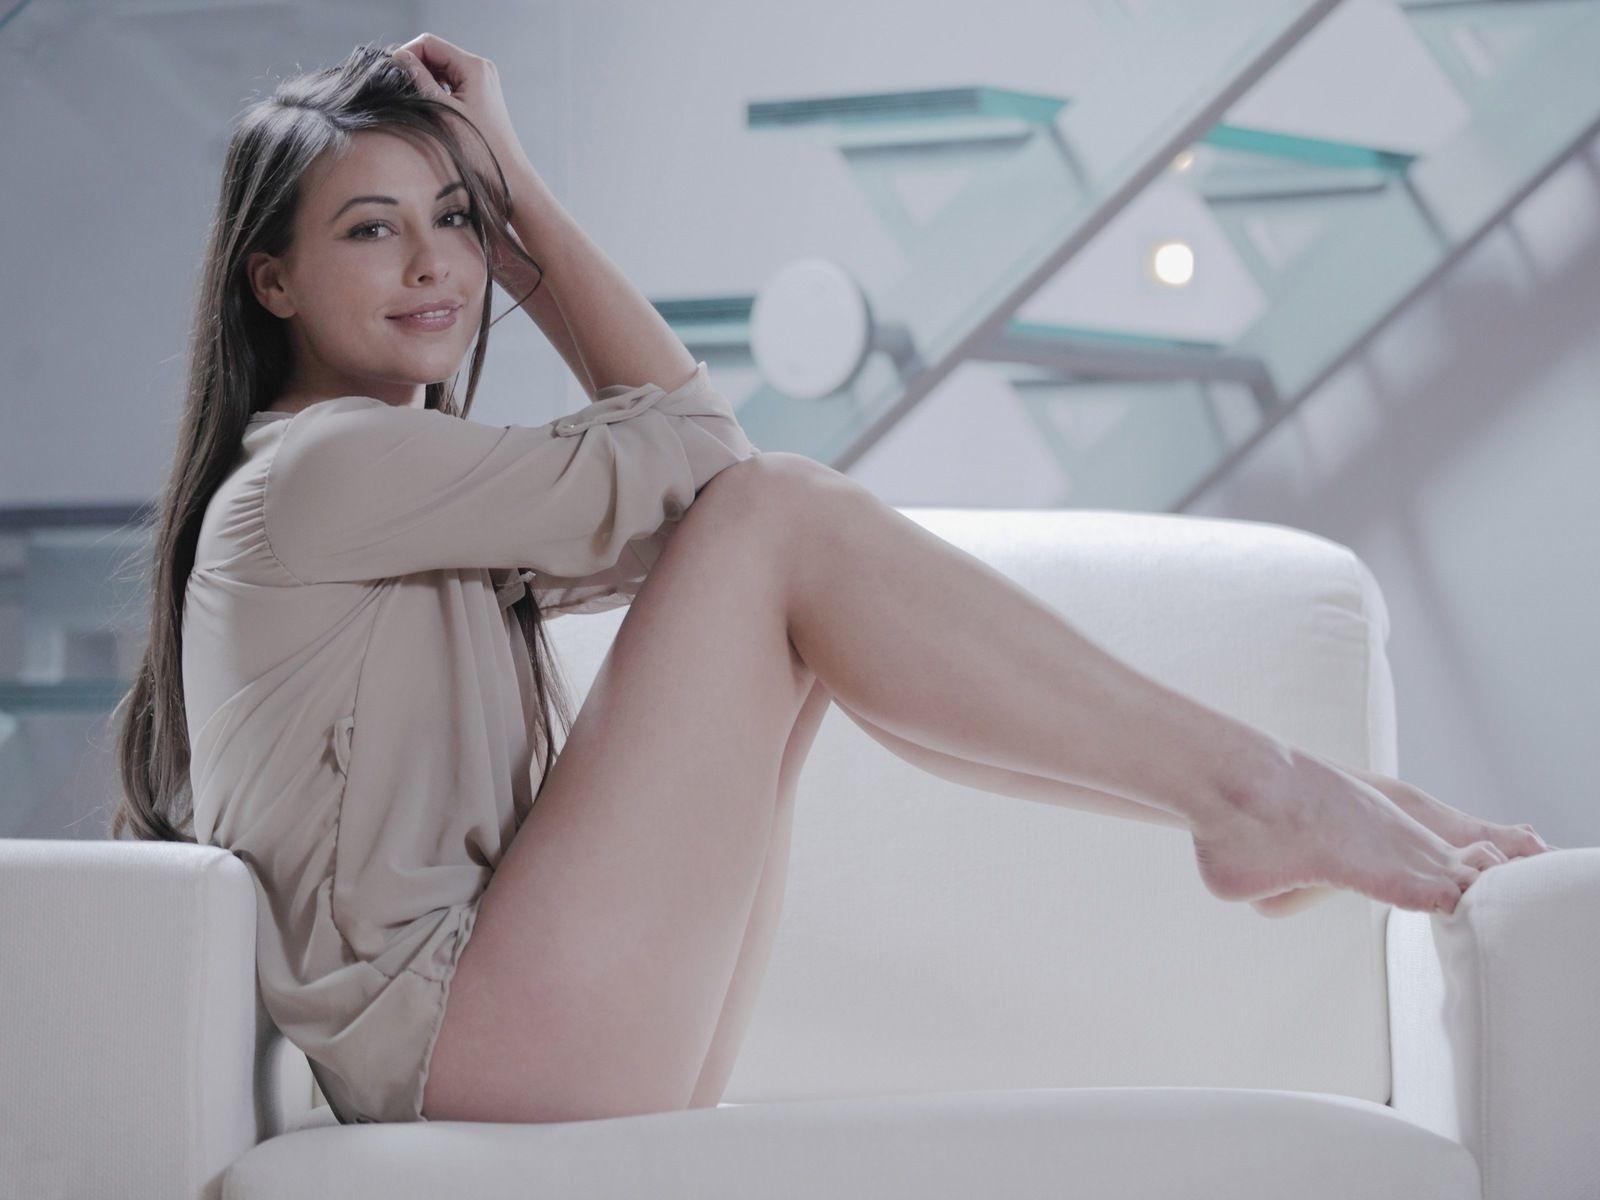 Female crotch shots nude